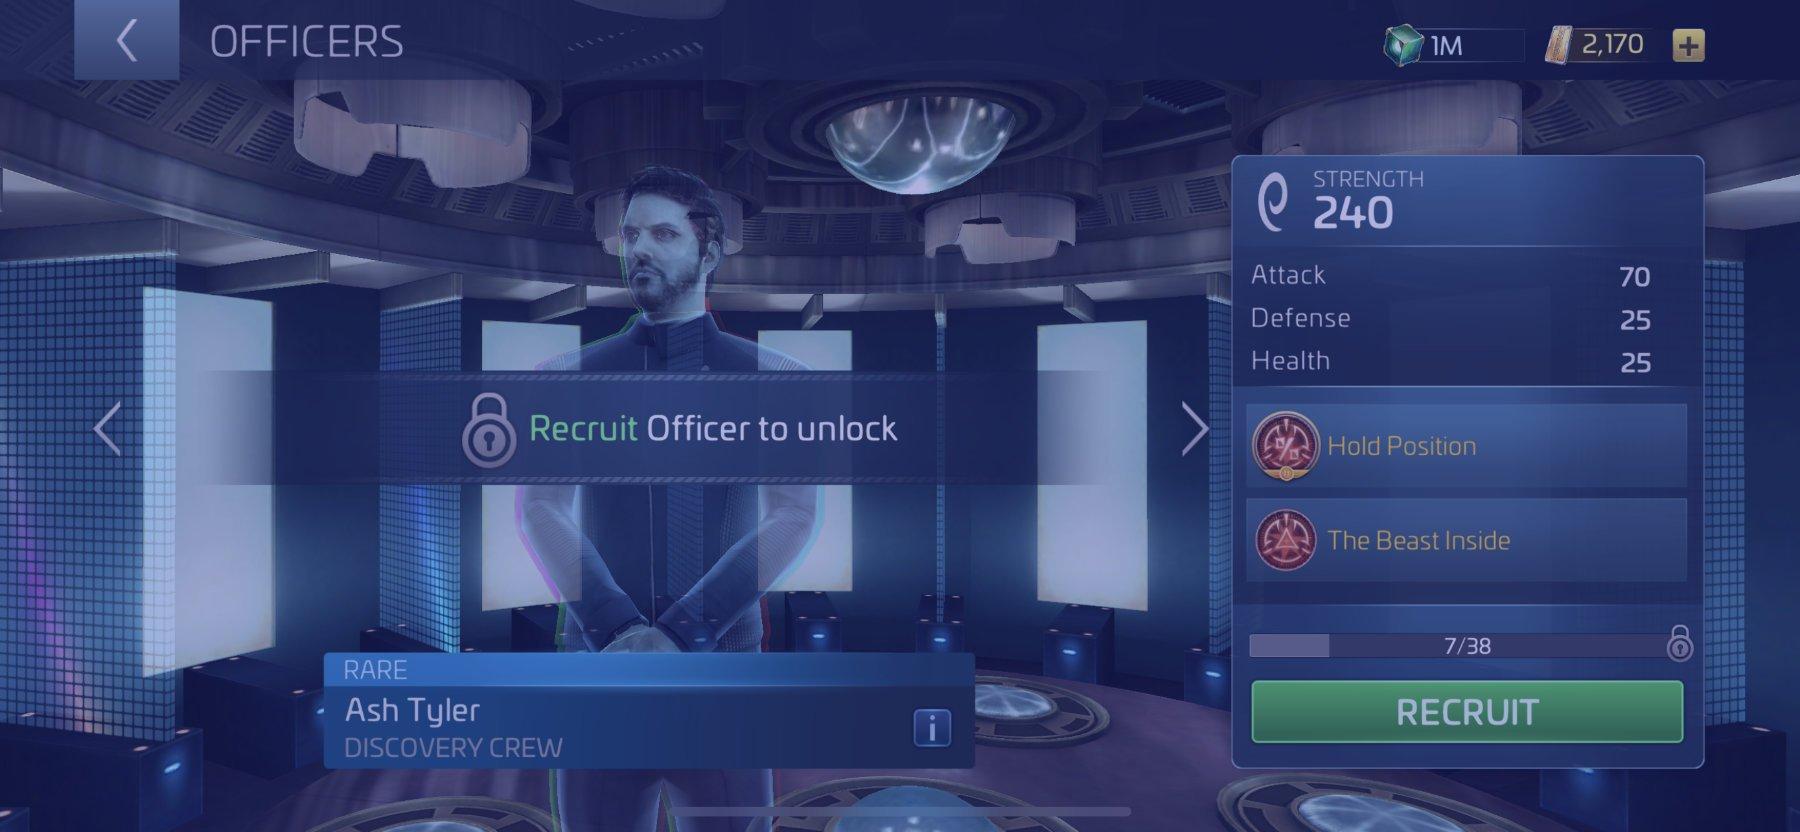 Officer Ash Tyler